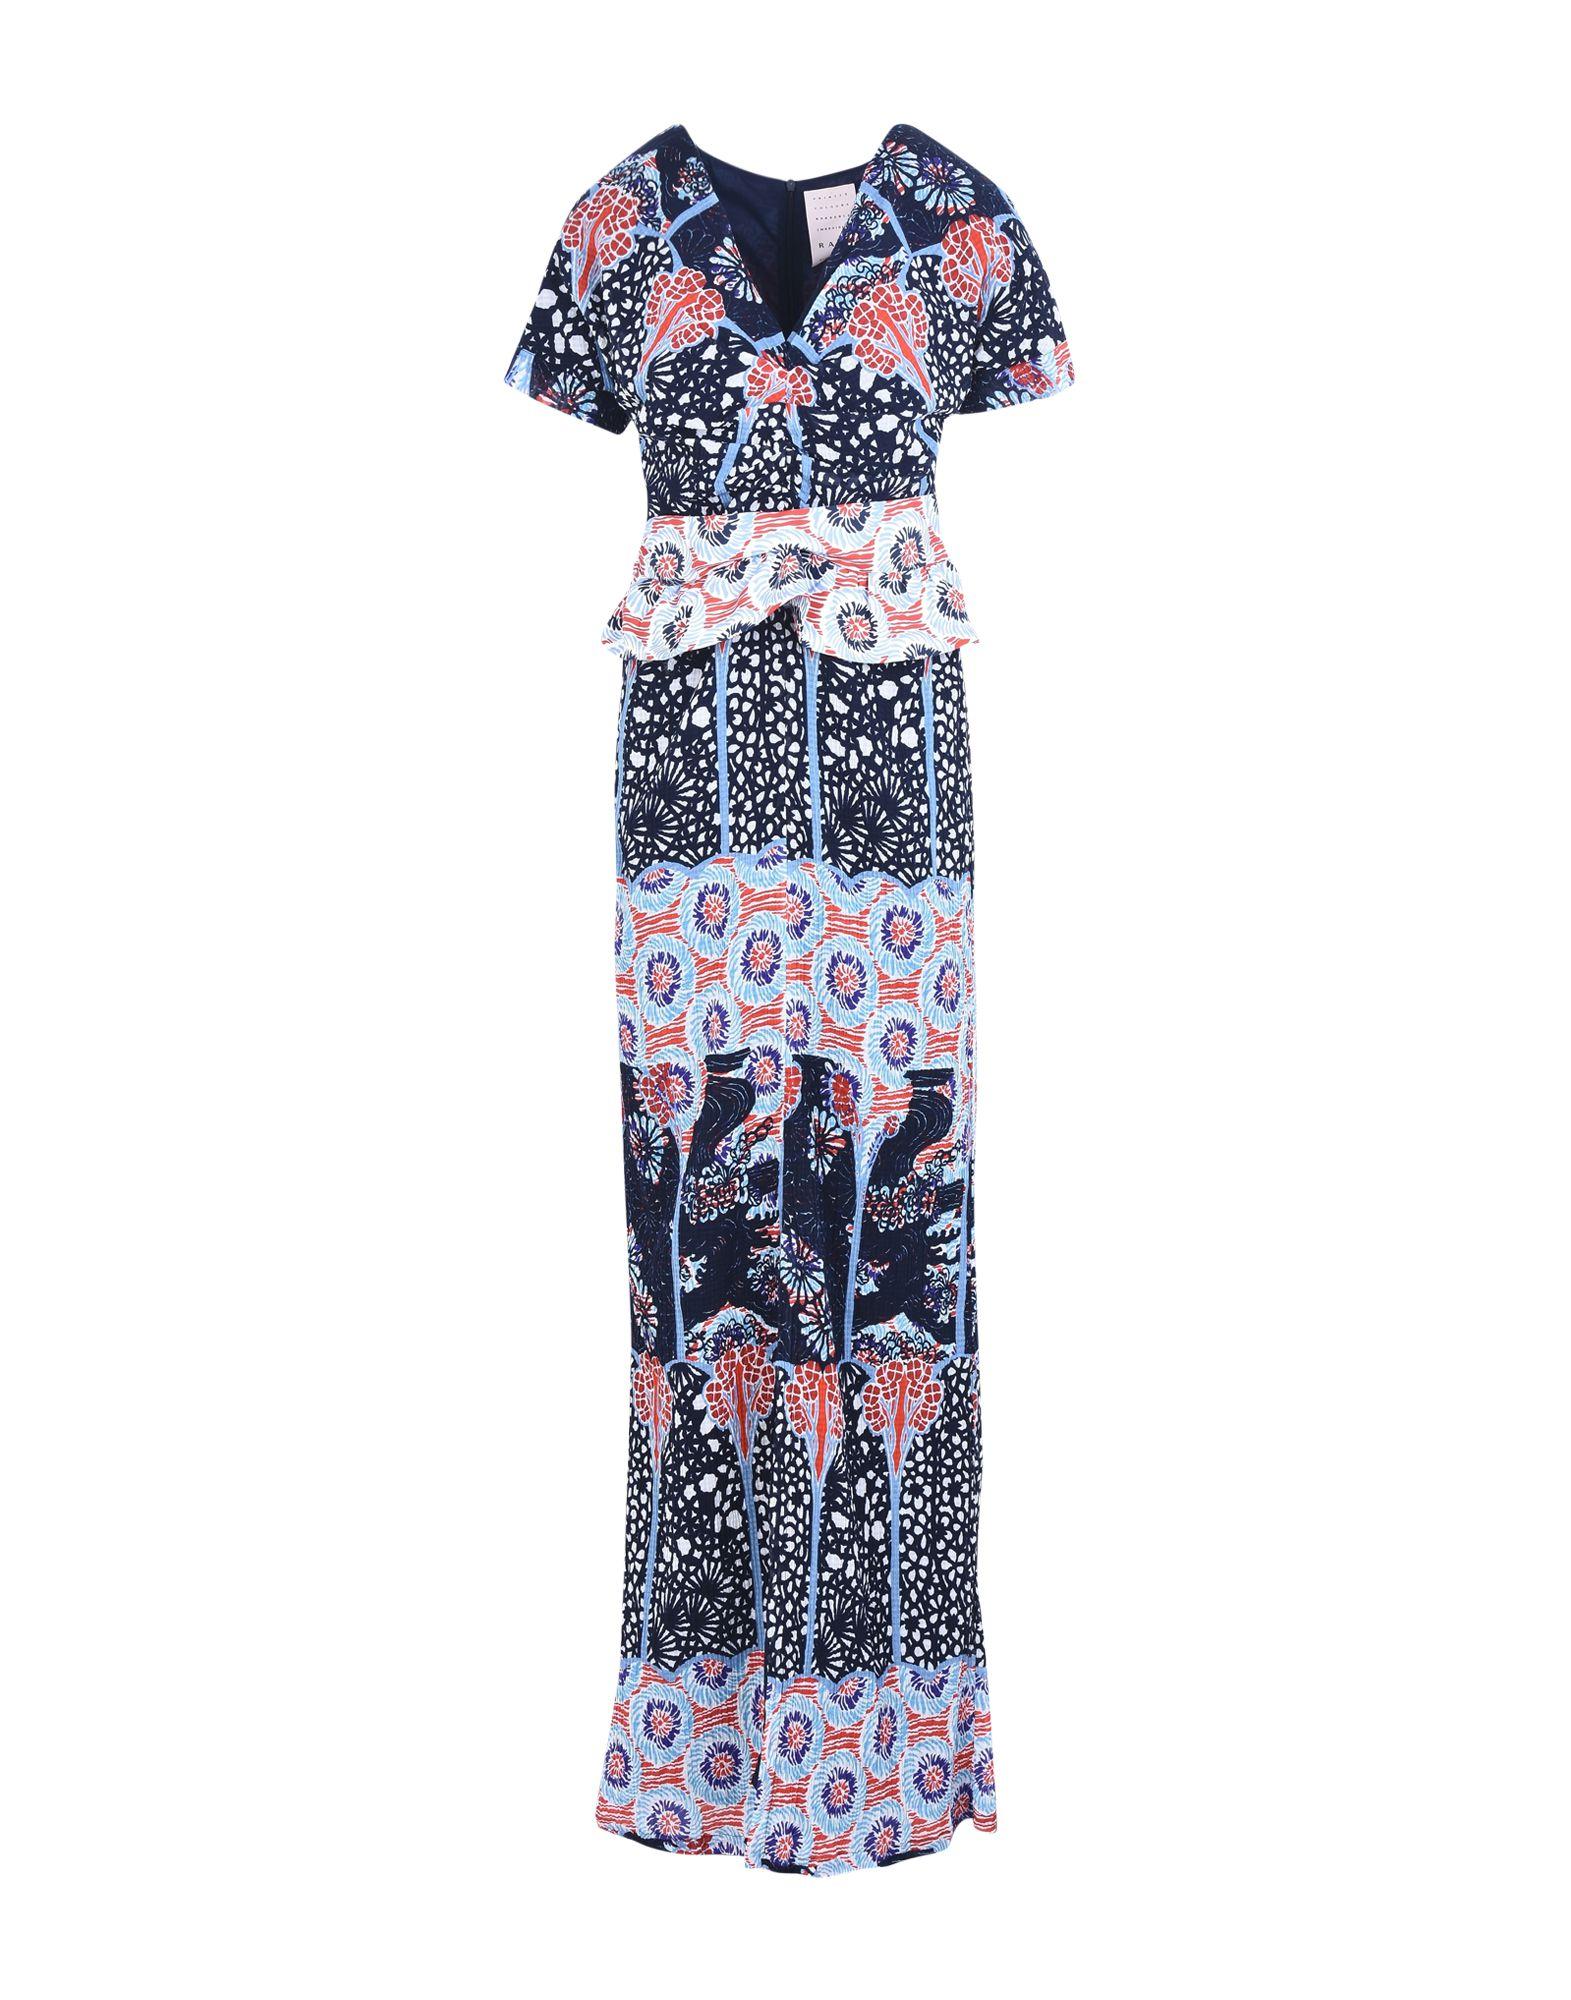 RARY Длинное платье платье короткое спереди длинное сзади летнее